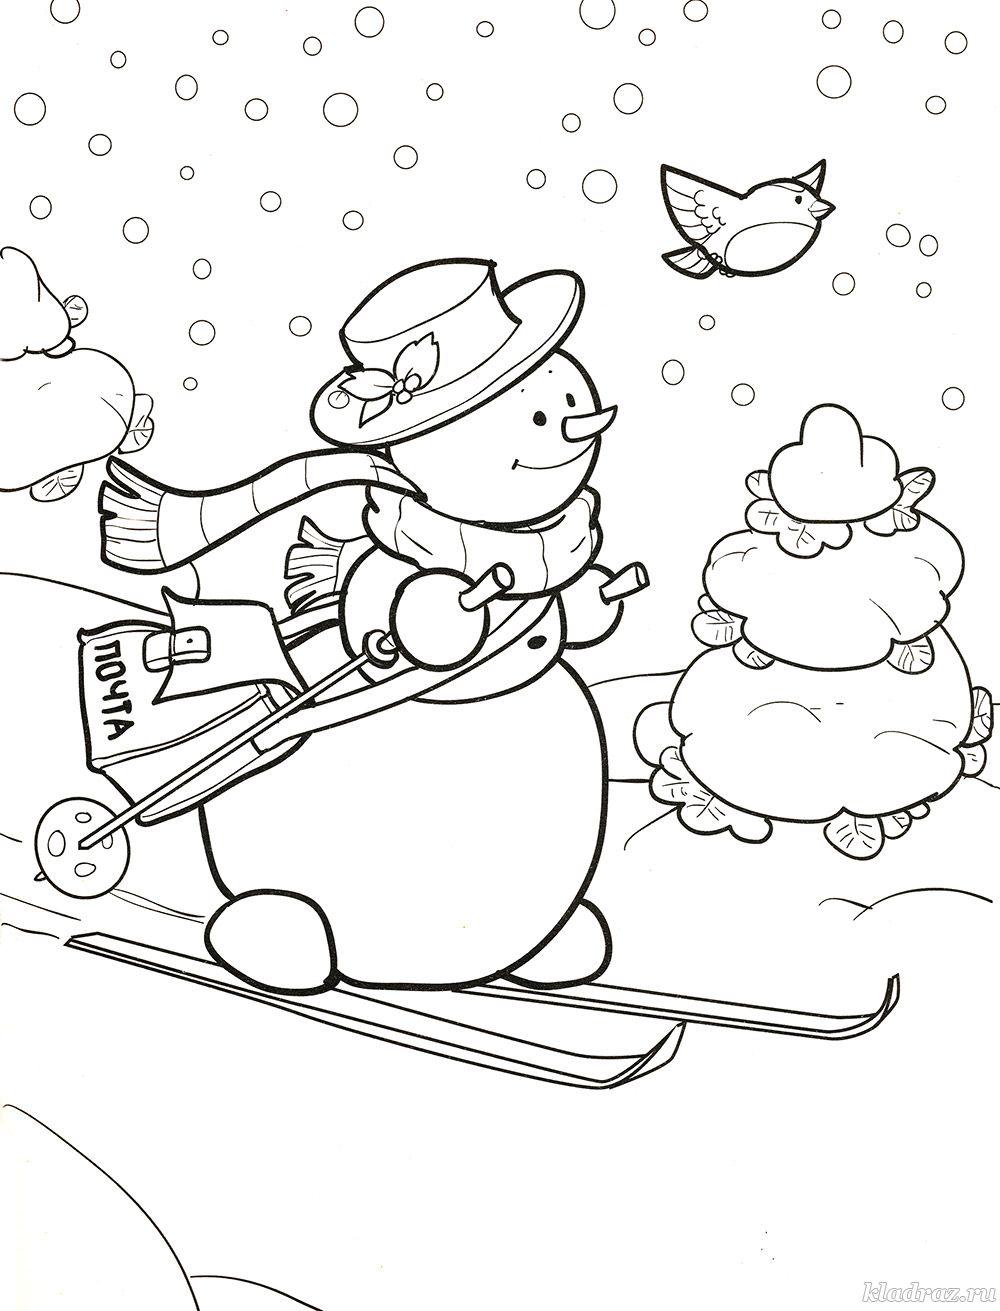 Зимняя раскраска для детей 6-8 лет. Снеговик